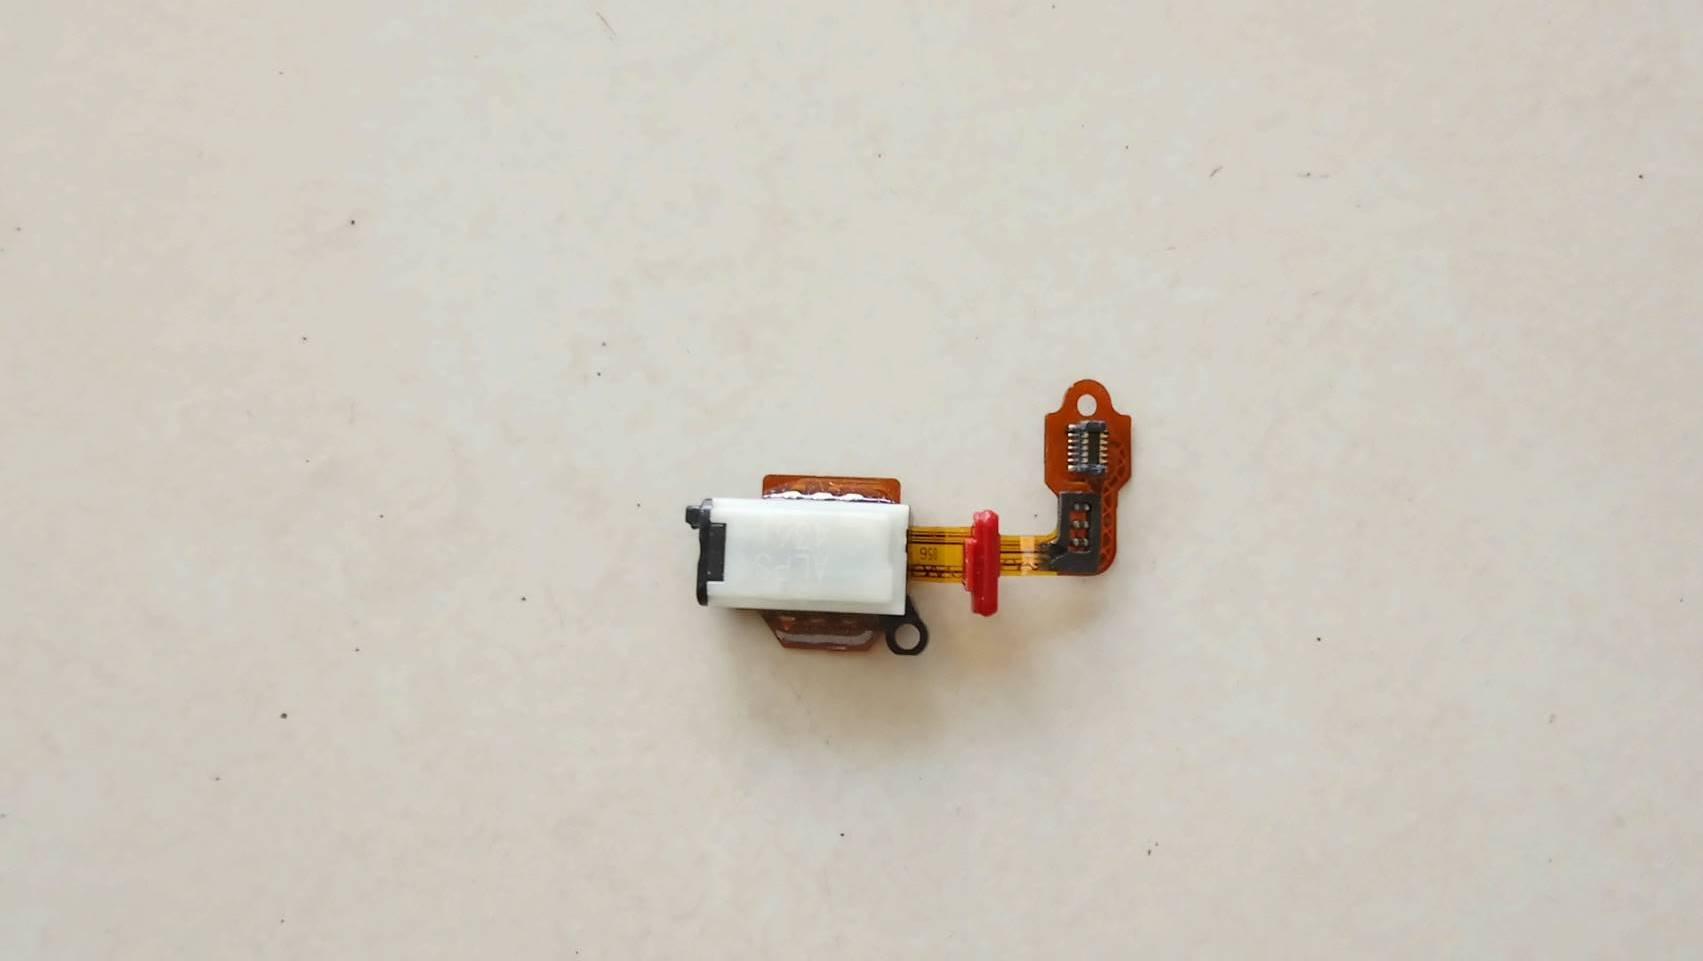 สายแพแจ๊คหูฟัง Sony xperia z ultra C6802 C6833 มือสอง